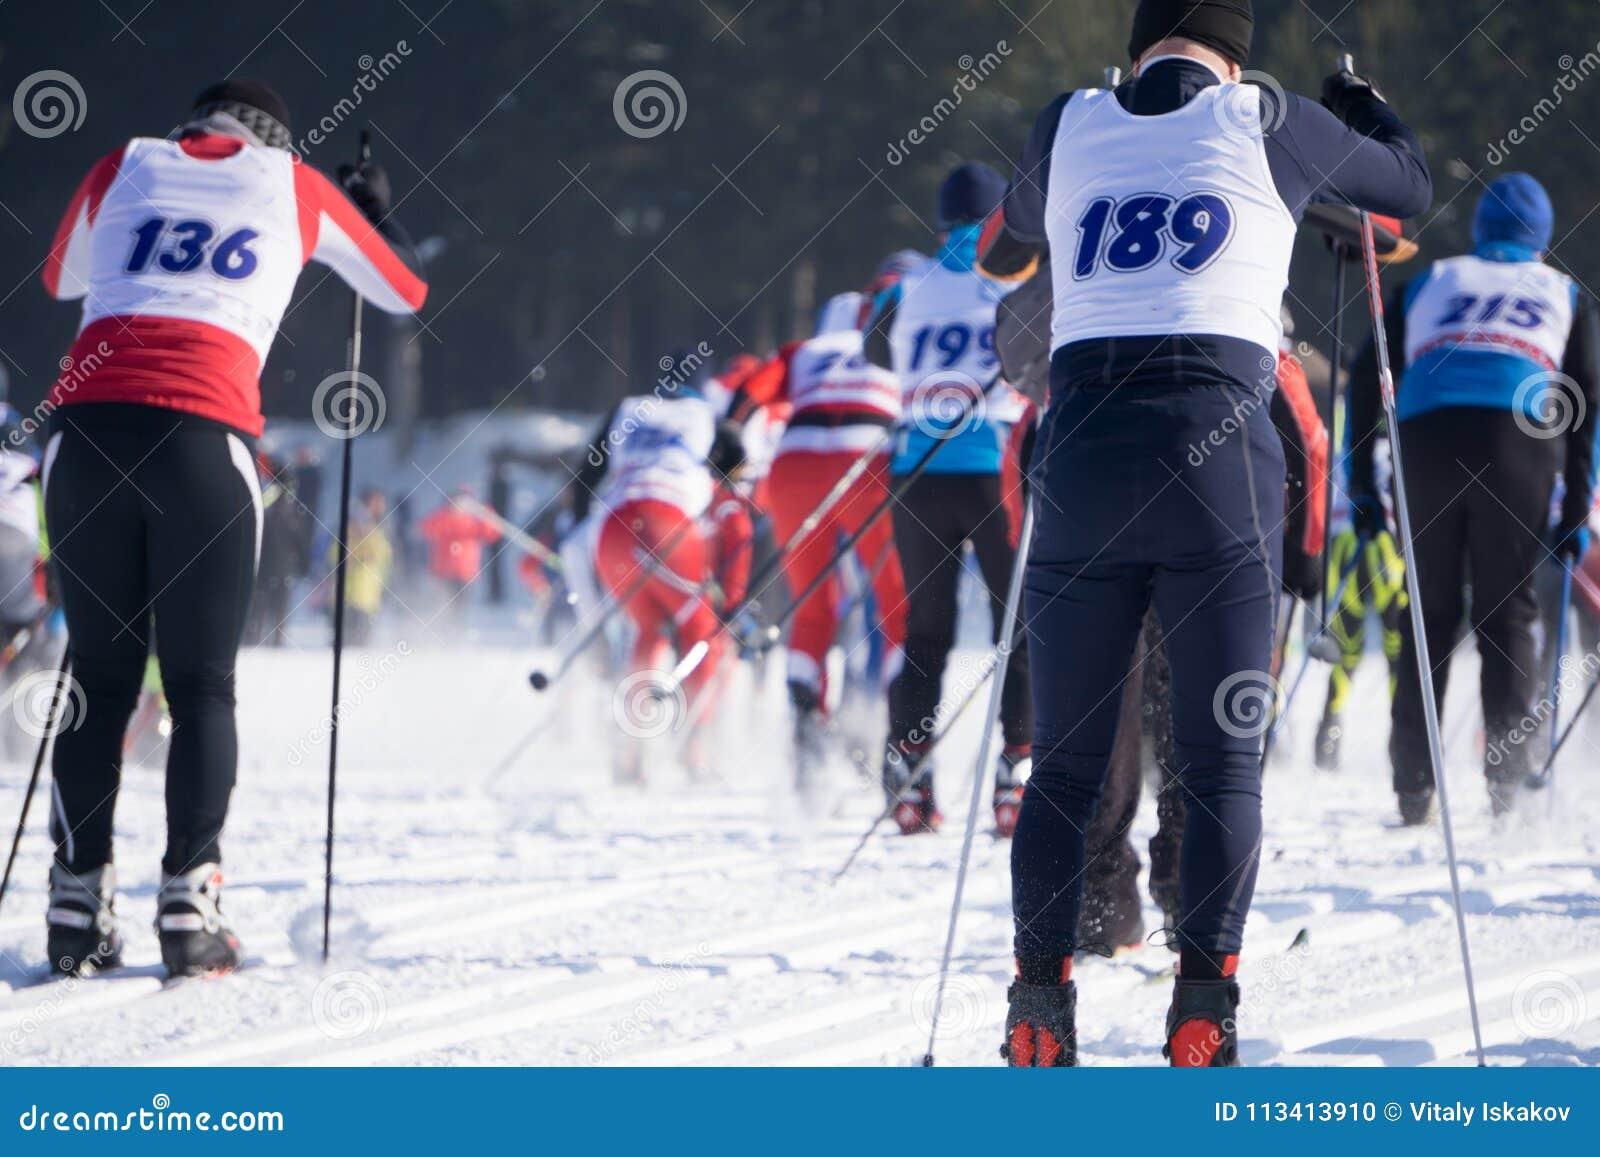 Οι ανταγωνισμοί στην πειθαρχία αγώνα σκι, κάλεσαν τον αριθμό έναρξης ανθρώπων συγχρόνως